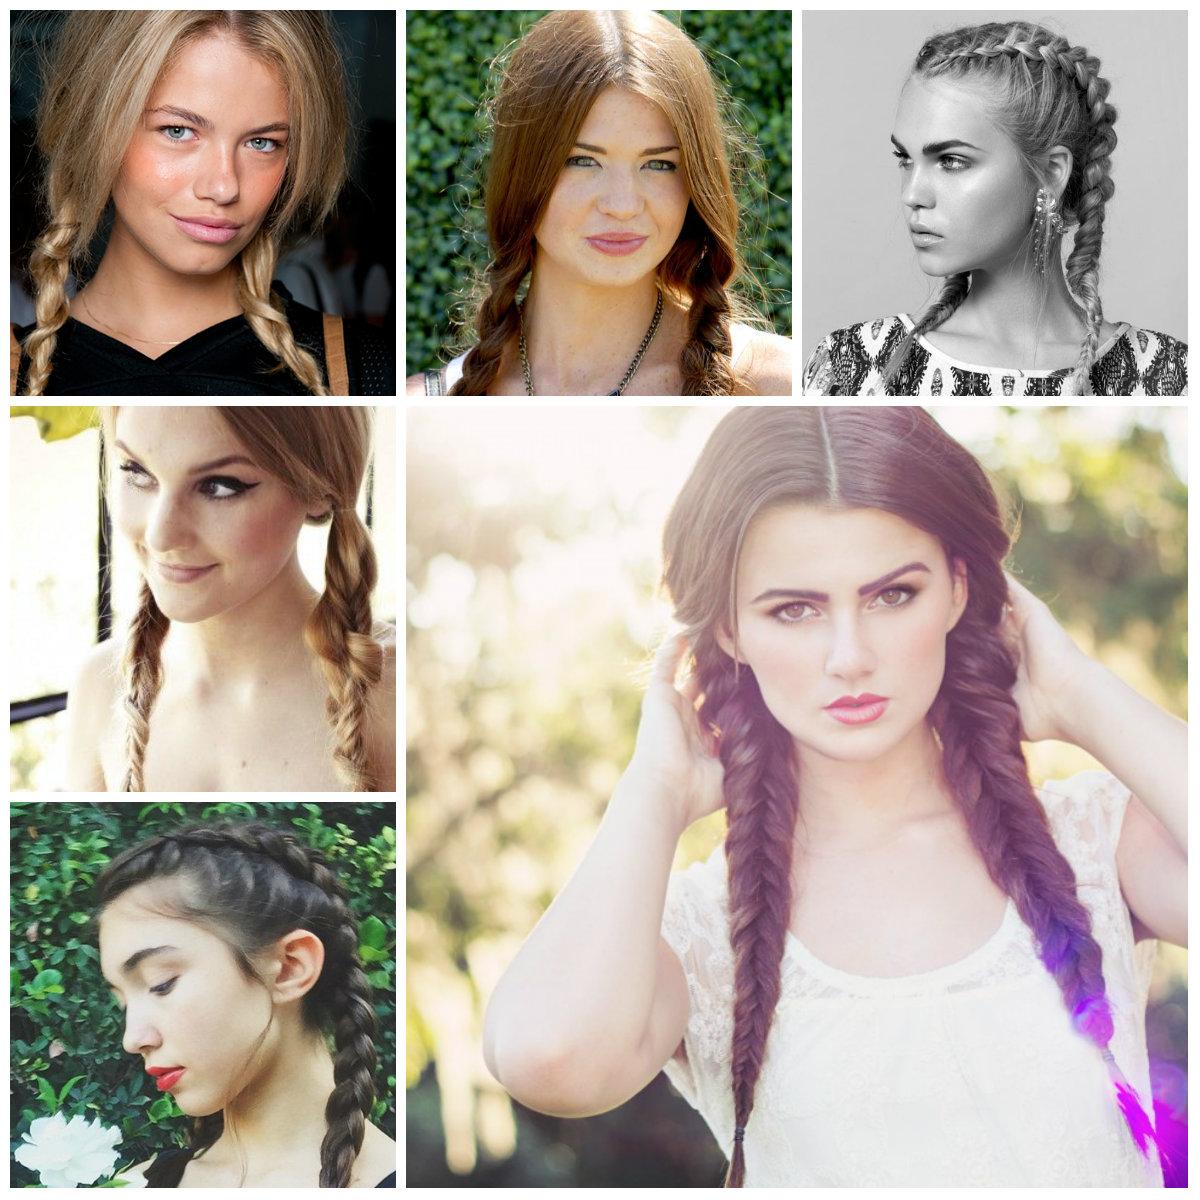 pigtail braids hairstyles 2022